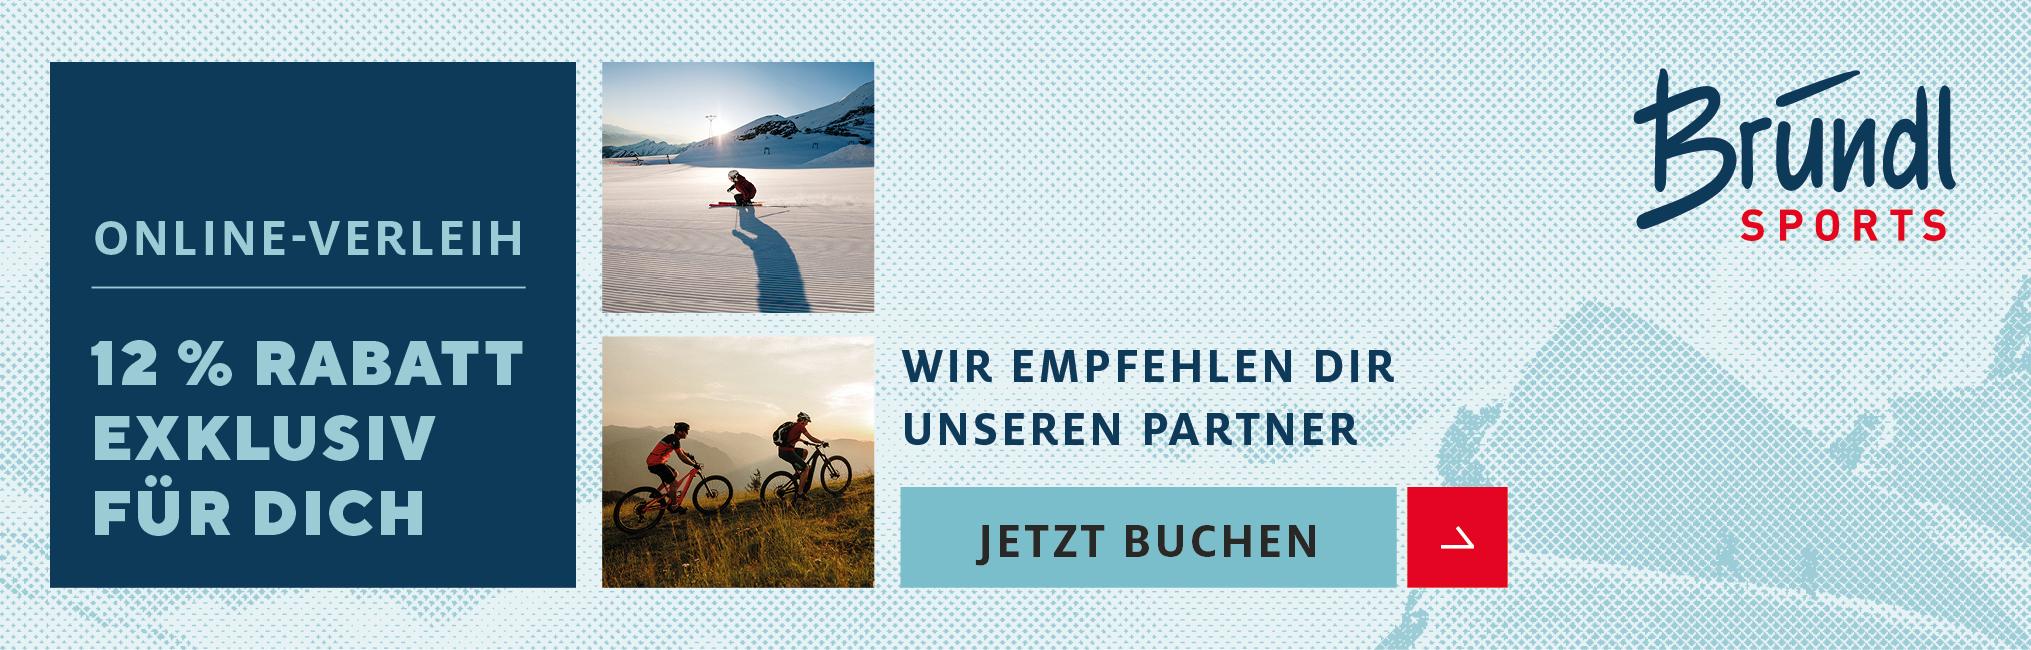 Intersport Bruendl - unser Partner für Skiverleih